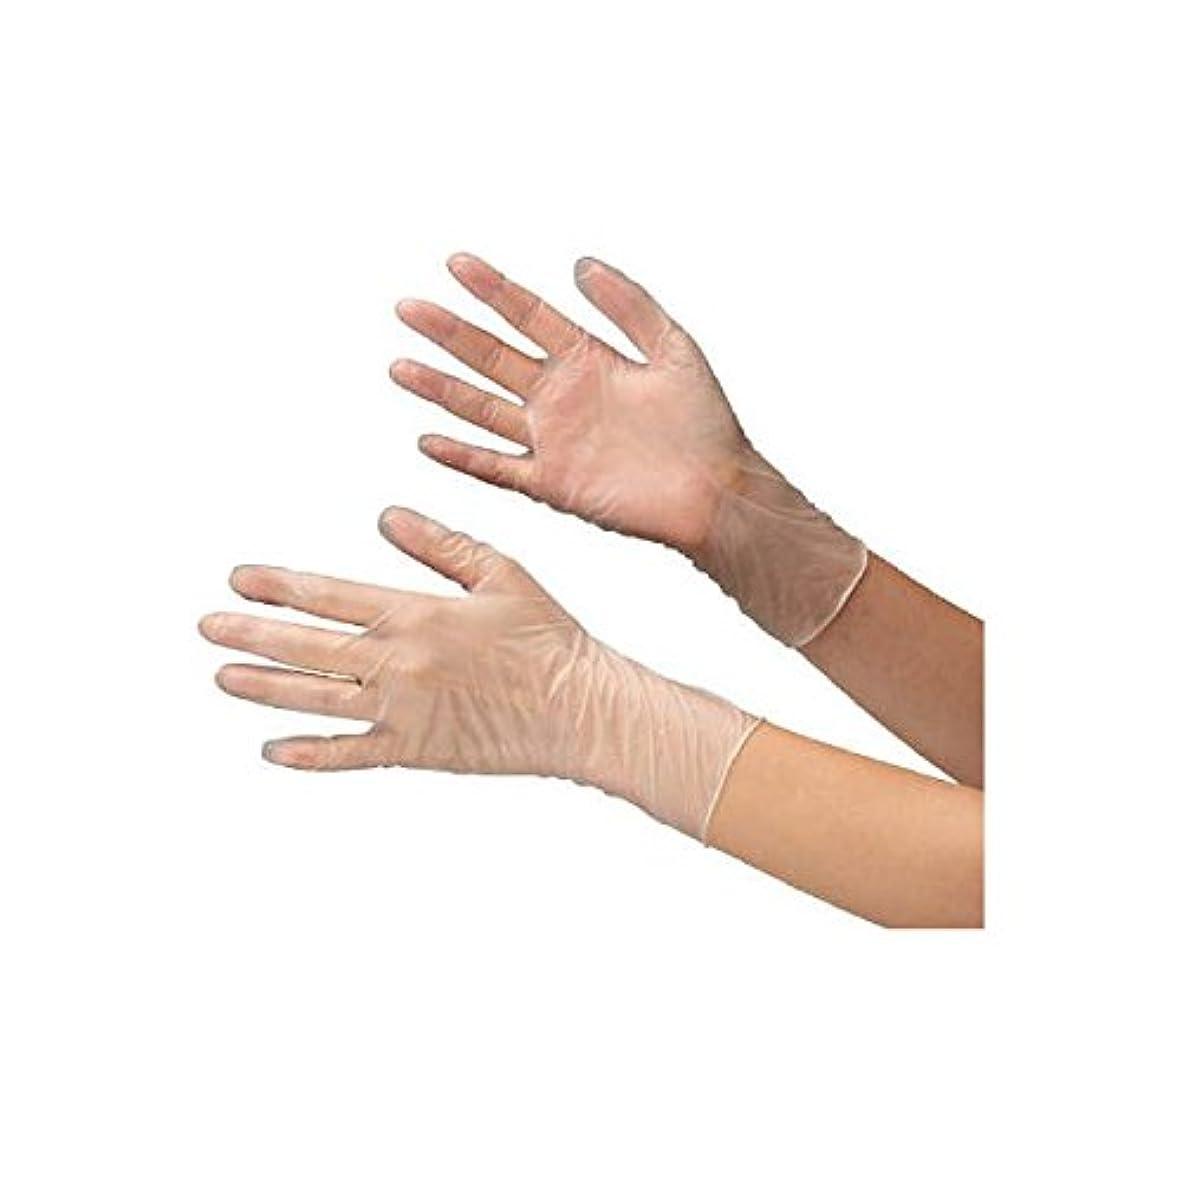 広告ワーディアンケースモットーミドリ安全/ミドリ安全 塩化ビニール製 使い捨て手袋 粉なし 100枚入 LL(3889319) VERTE-851-LL [その他]